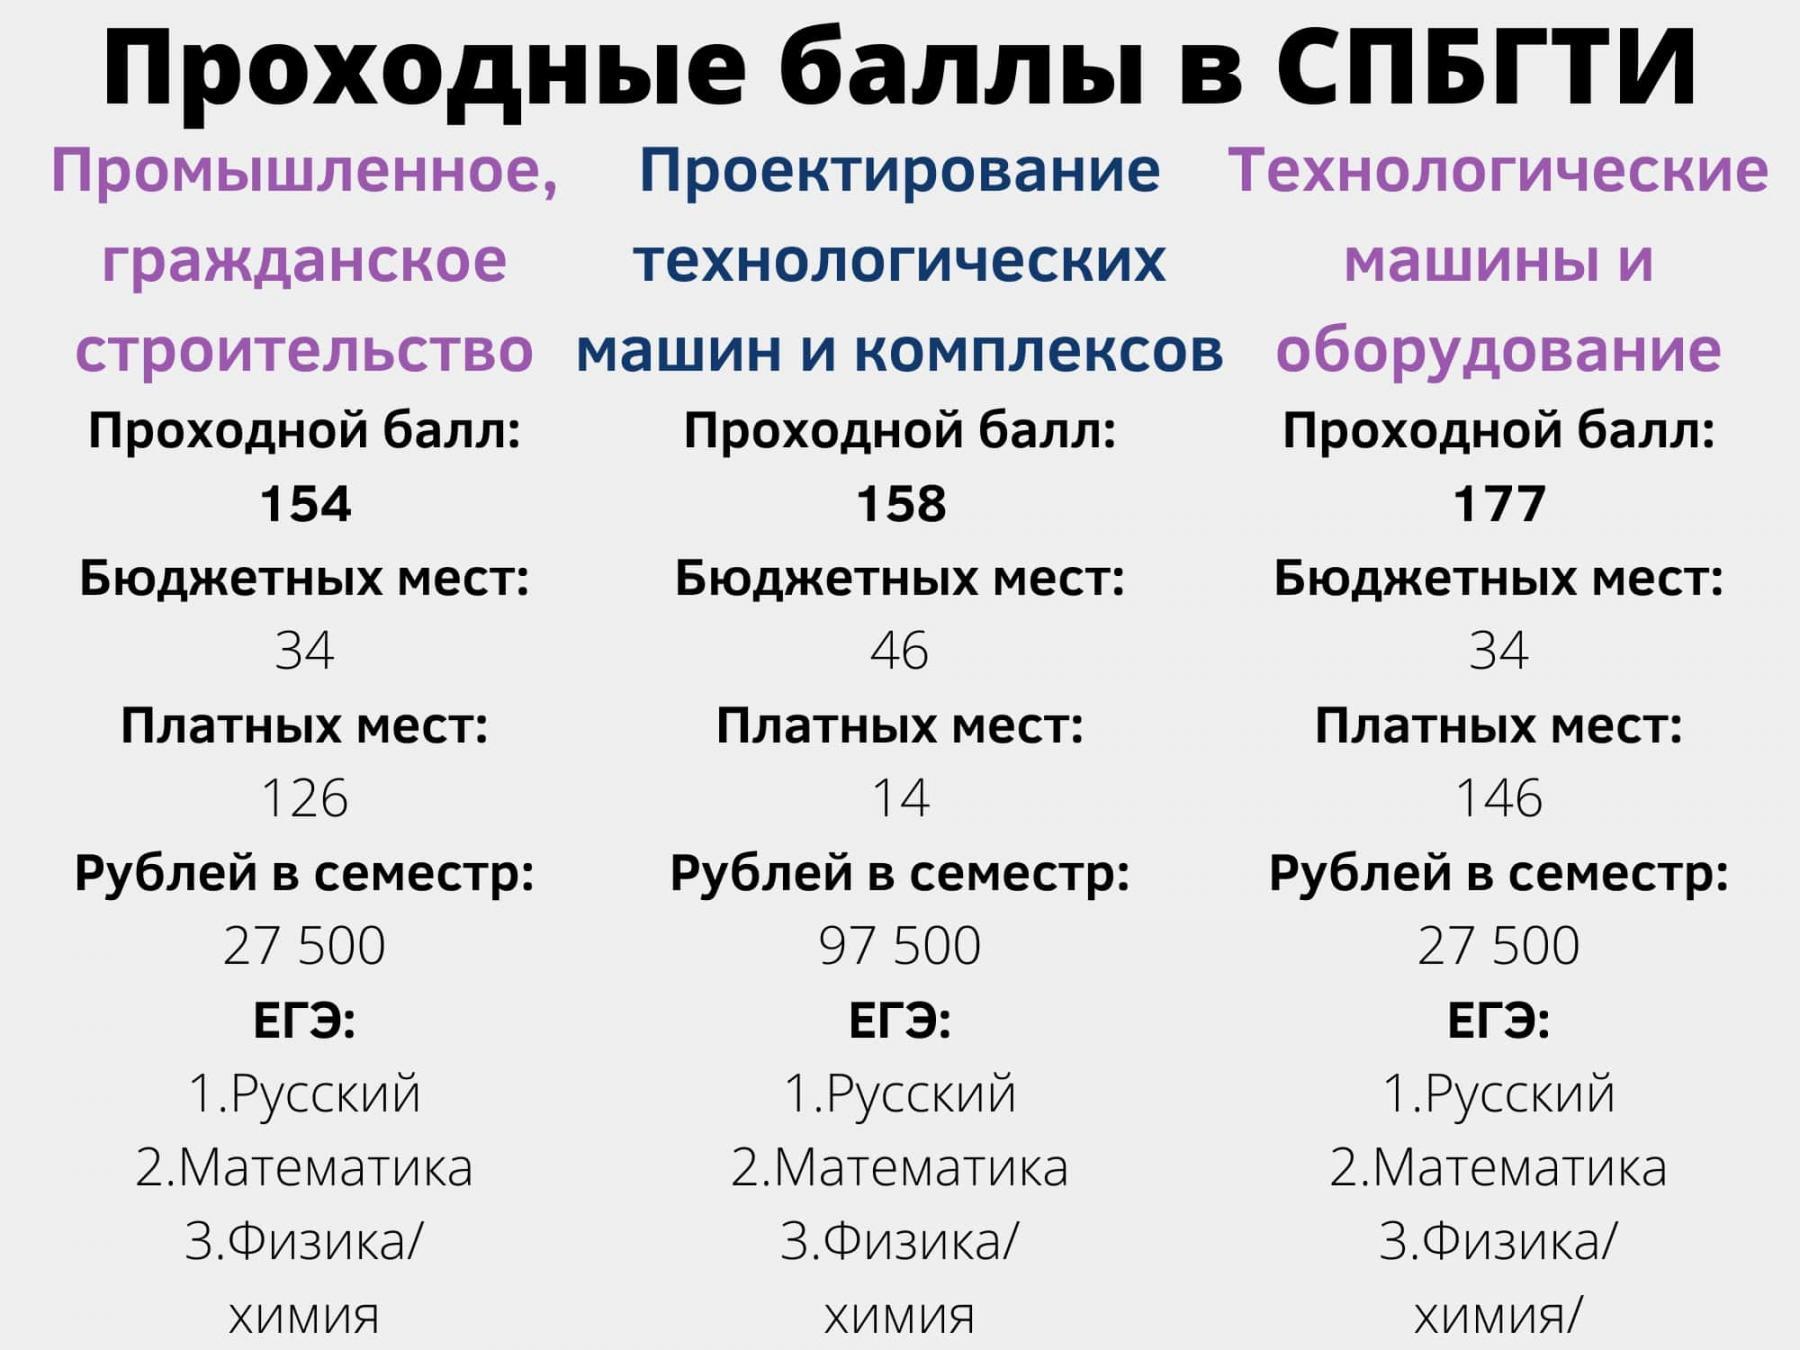 фото 7 вузов Санкт-Петербурга с самыми низкими баллами ЕГЭ на бюджет летом 2021 года 5